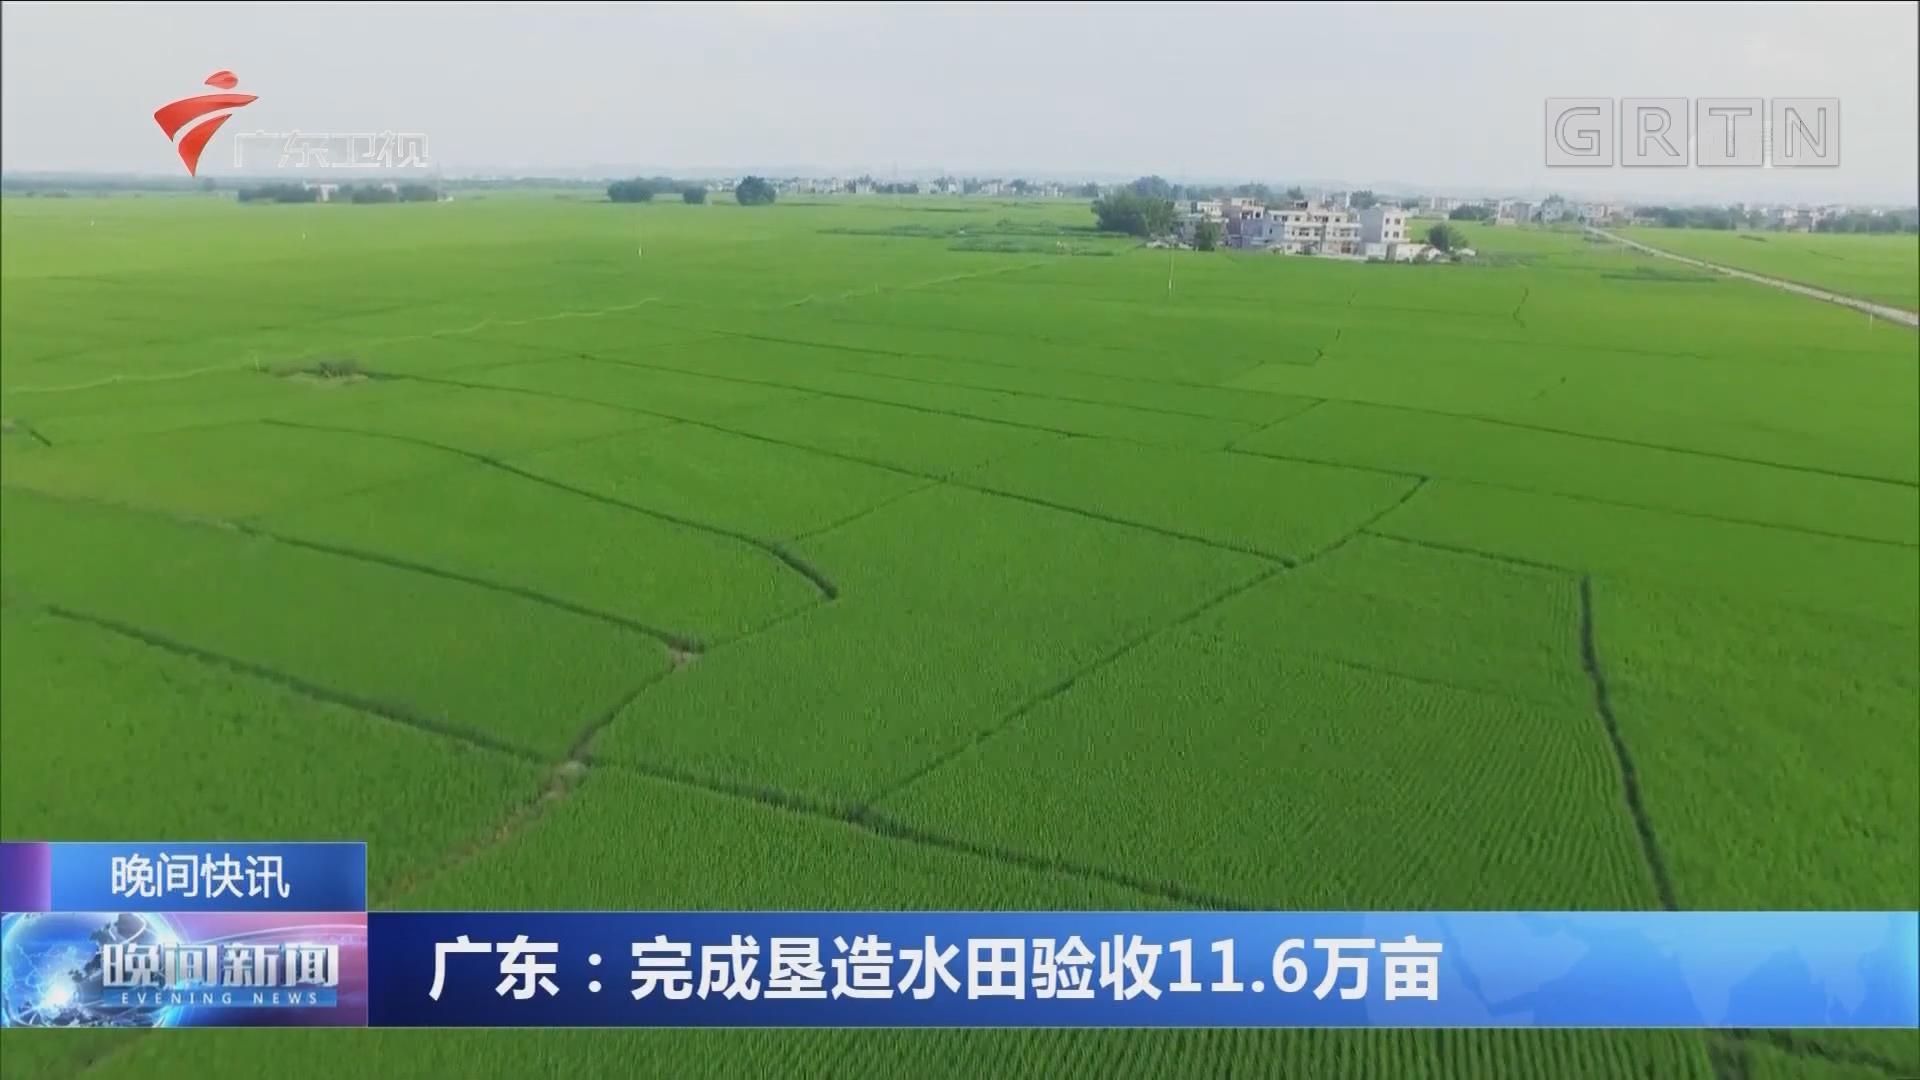 广东:完成垦造水田验收11.6万亩